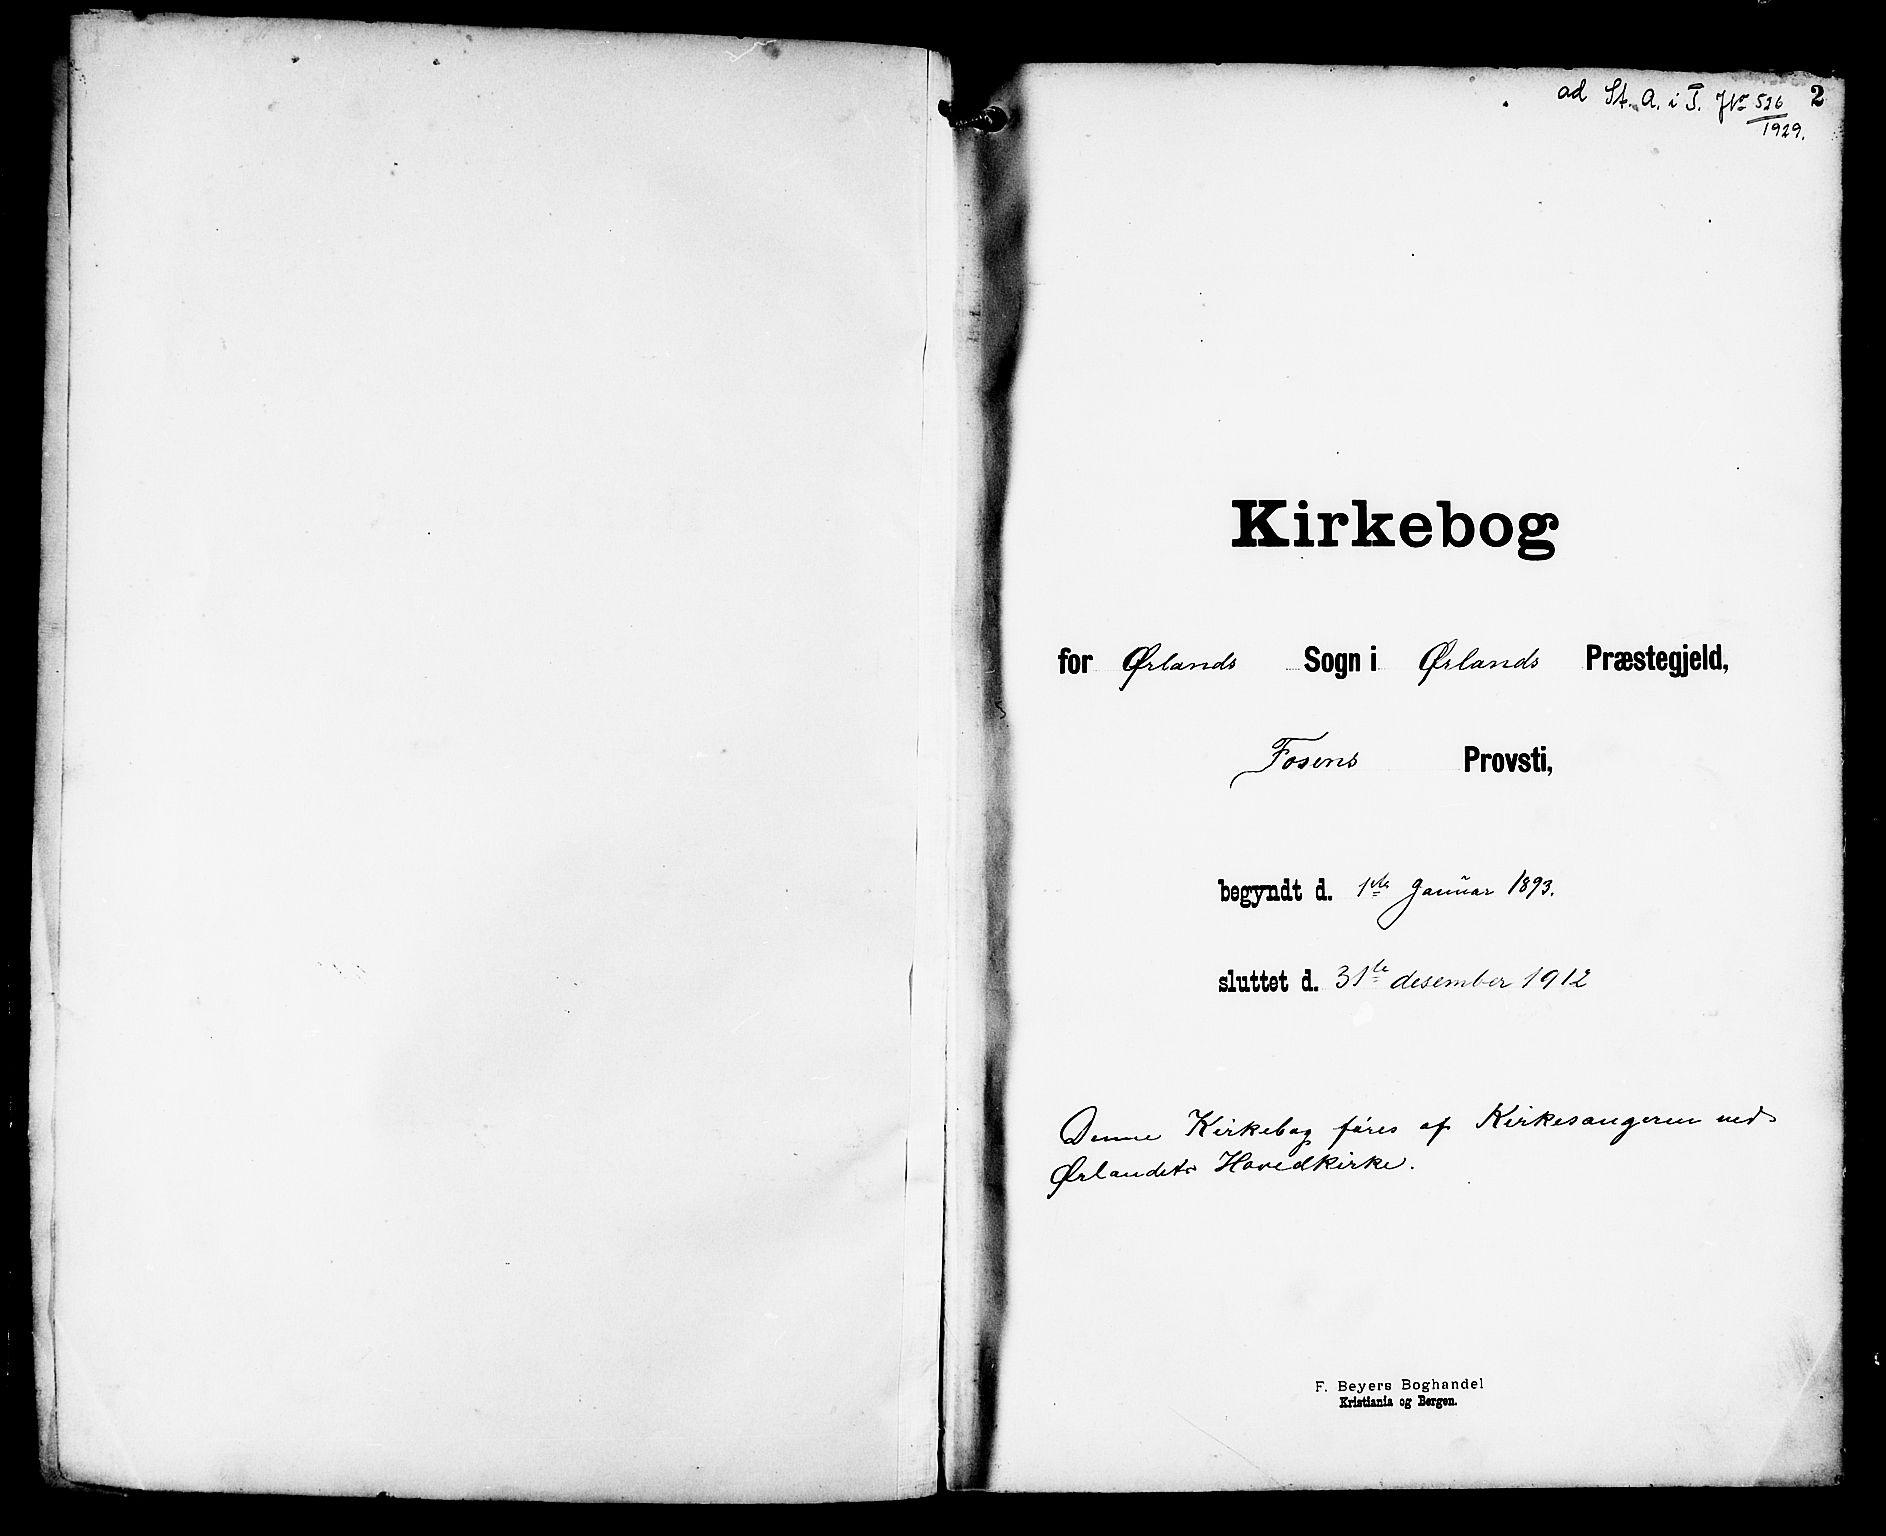 SAT, Ministerialprotokoller, klokkerbøker og fødselsregistre - Sør-Trøndelag, 659/L0746: Klokkerbok nr. 659C03, 1893-1912, s. 2